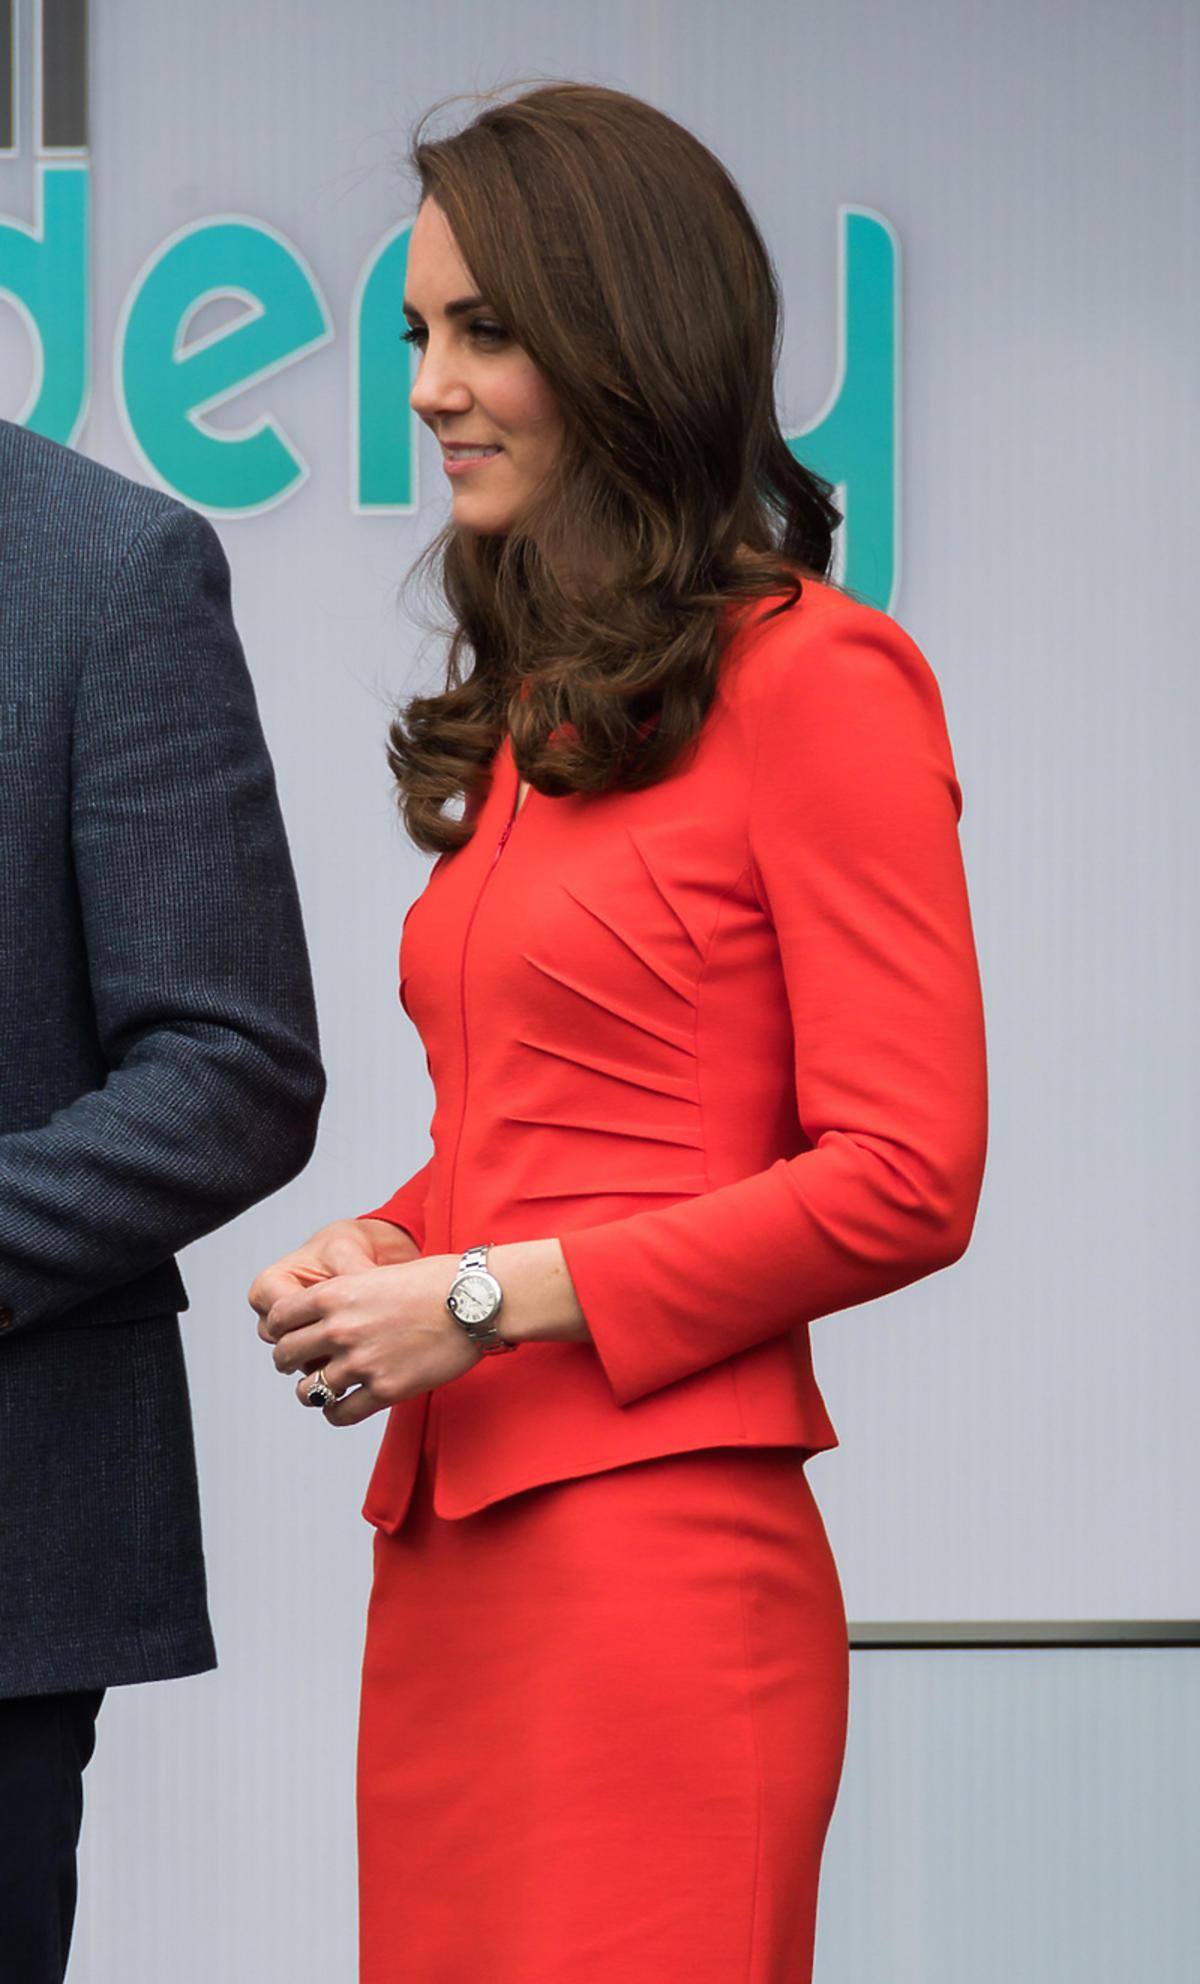 Księżna Kate w rozpuszczonych włosach